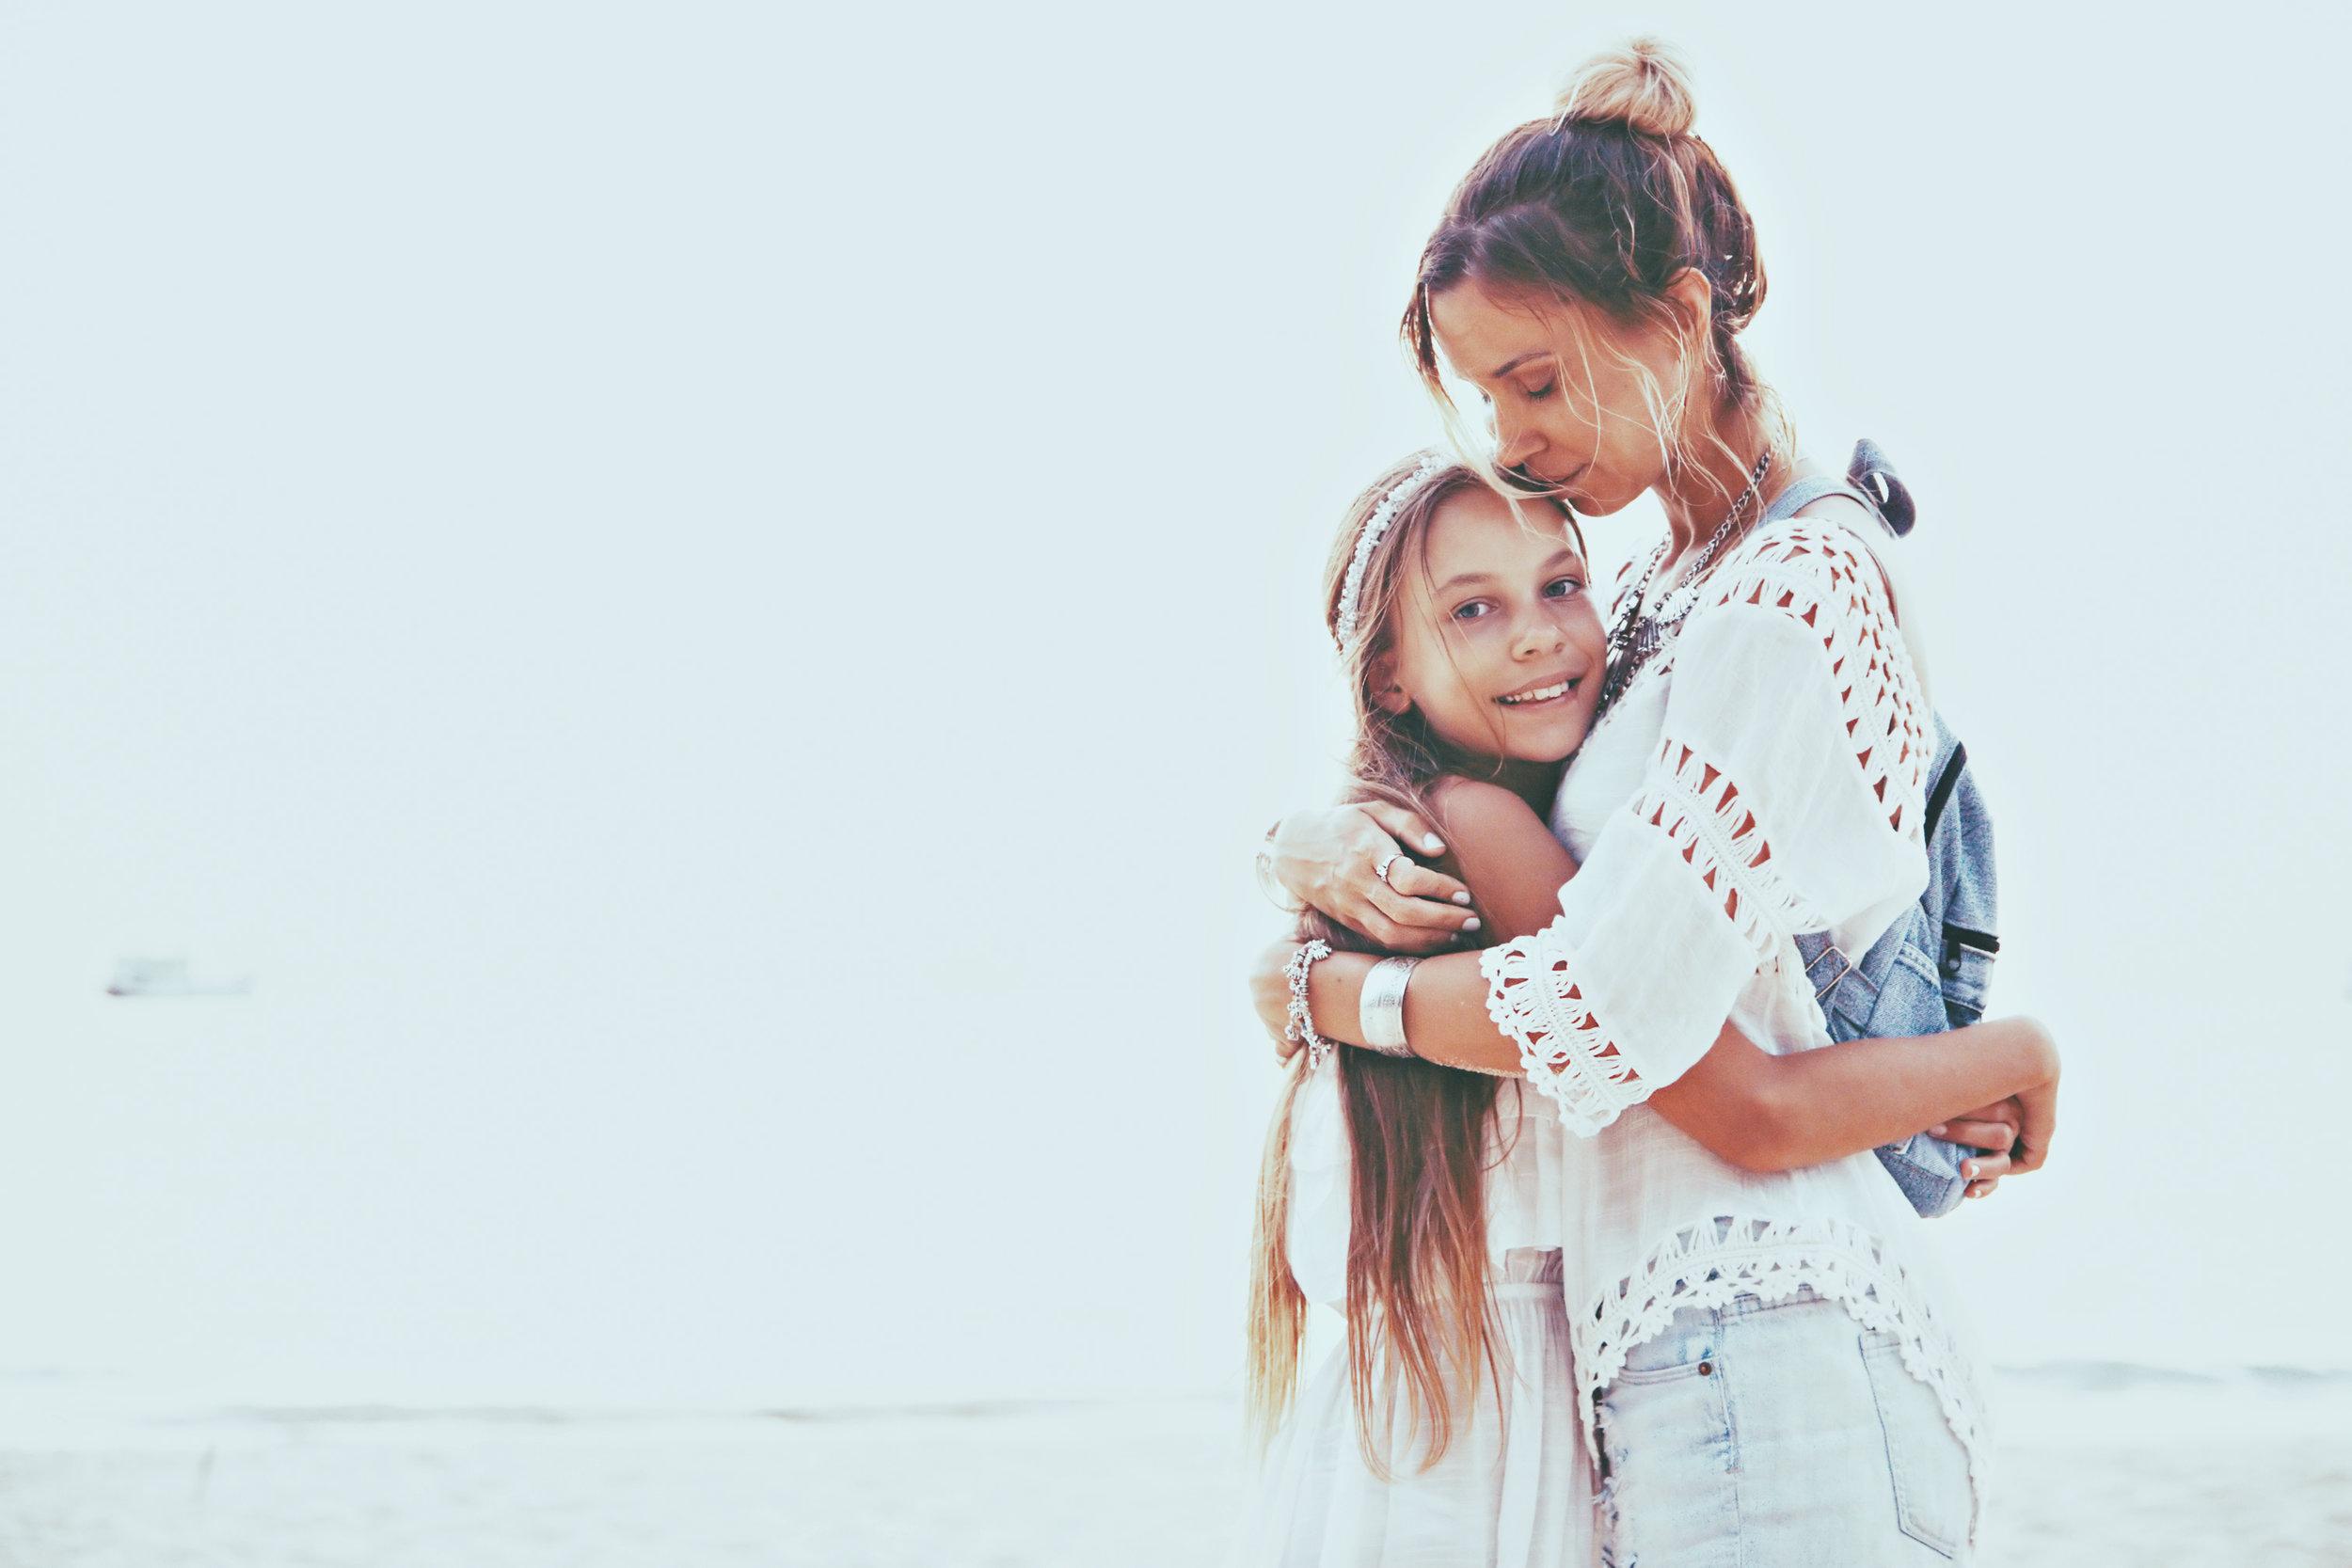 bigstock-Tween-daughter-hugging-with-he-120914501.jpg